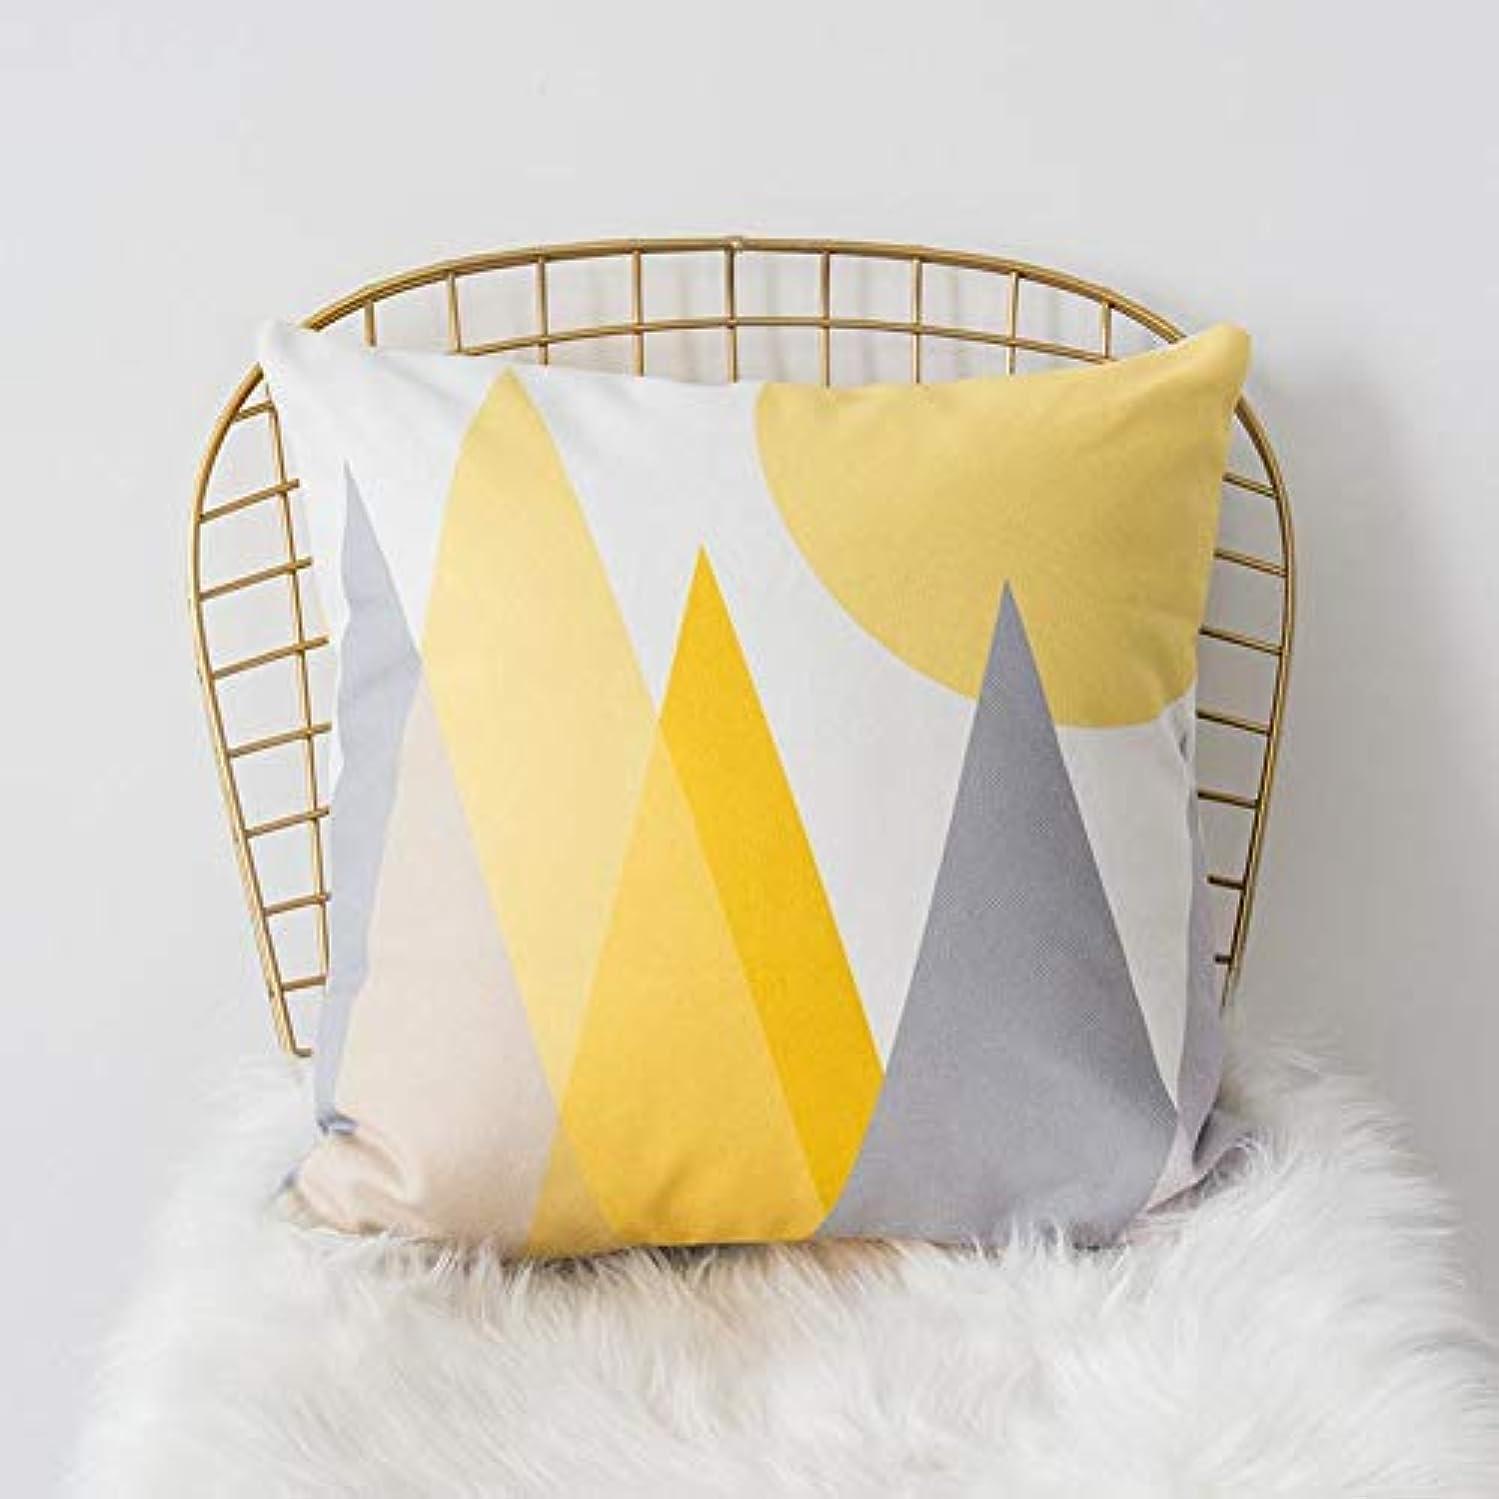 ボット虐待考えLIFE 黄色グレー枕北欧スタイル黄色ヘラジカ幾何枕リビングルームのインテリアソファクッション Cojines 装飾良質 クッション 椅子